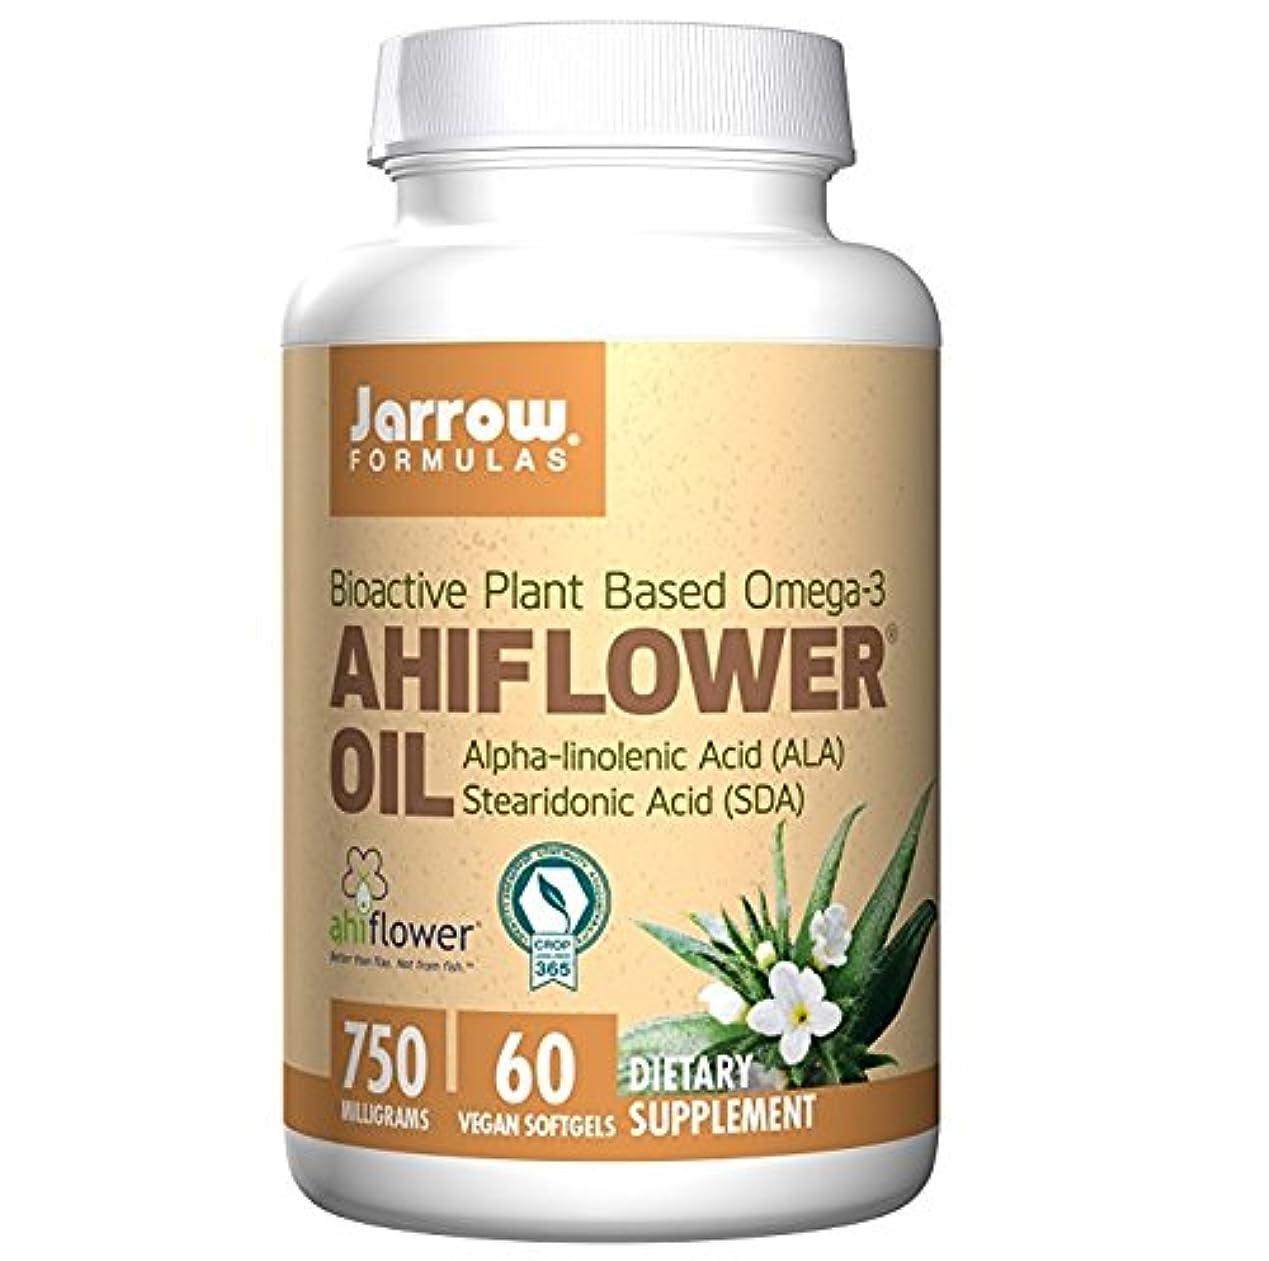 バレーボール有彩色のそこ【海外直送品】Jarrow Formulas - Ahiflower Oil - 60ソフトジェル アヒフラワー